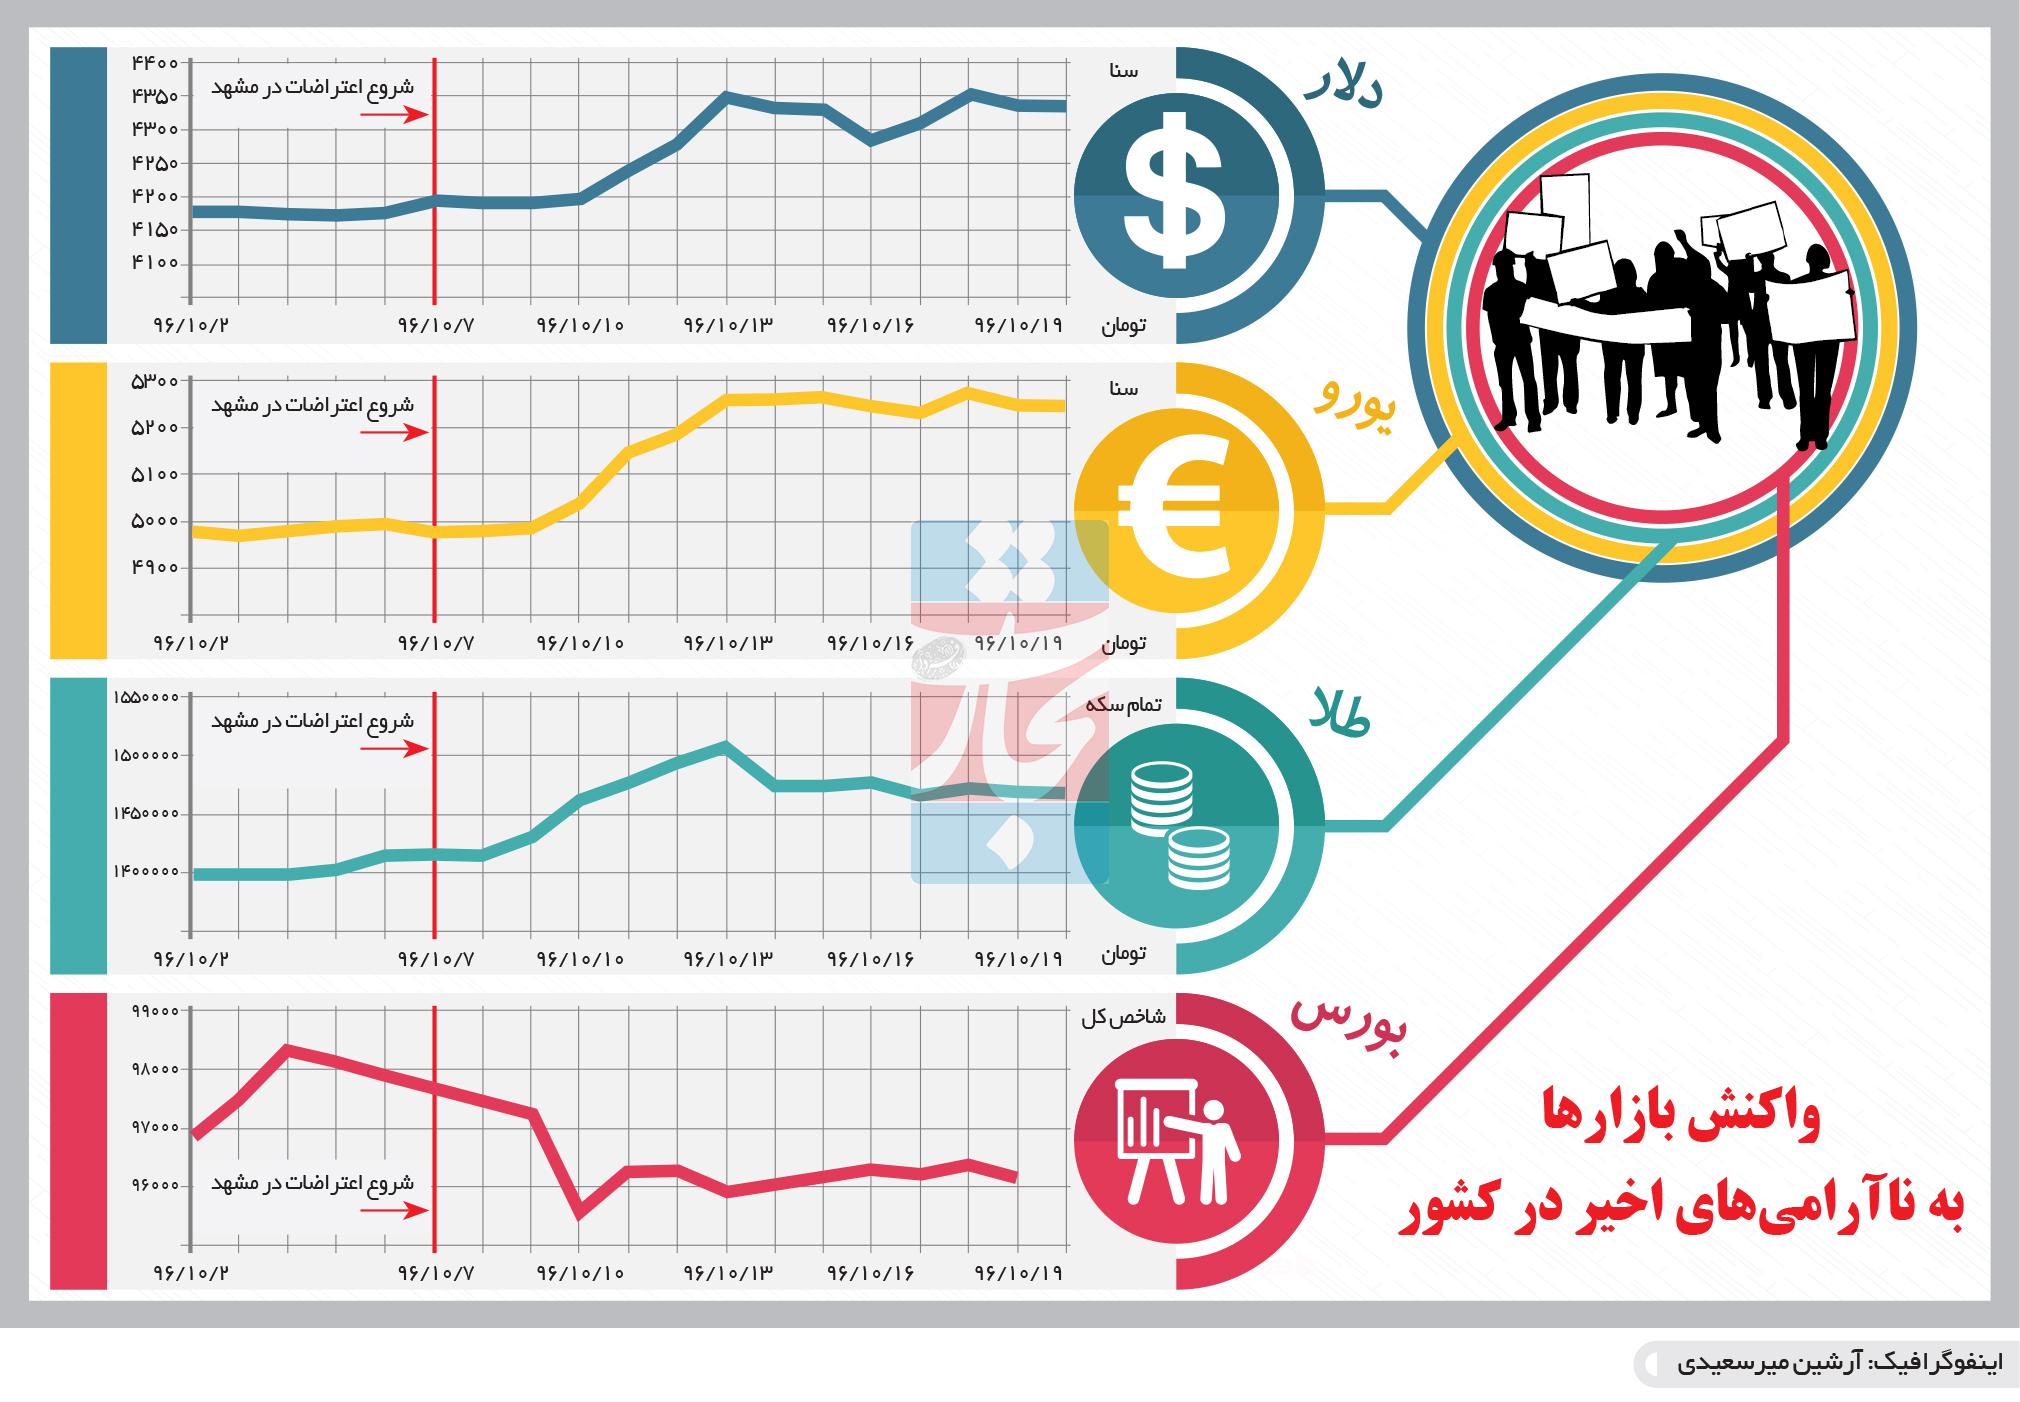 تجارت- فردا- واکنش بازارها به ناآرامیهای اخیر در کشور(اینفوگرافیک)